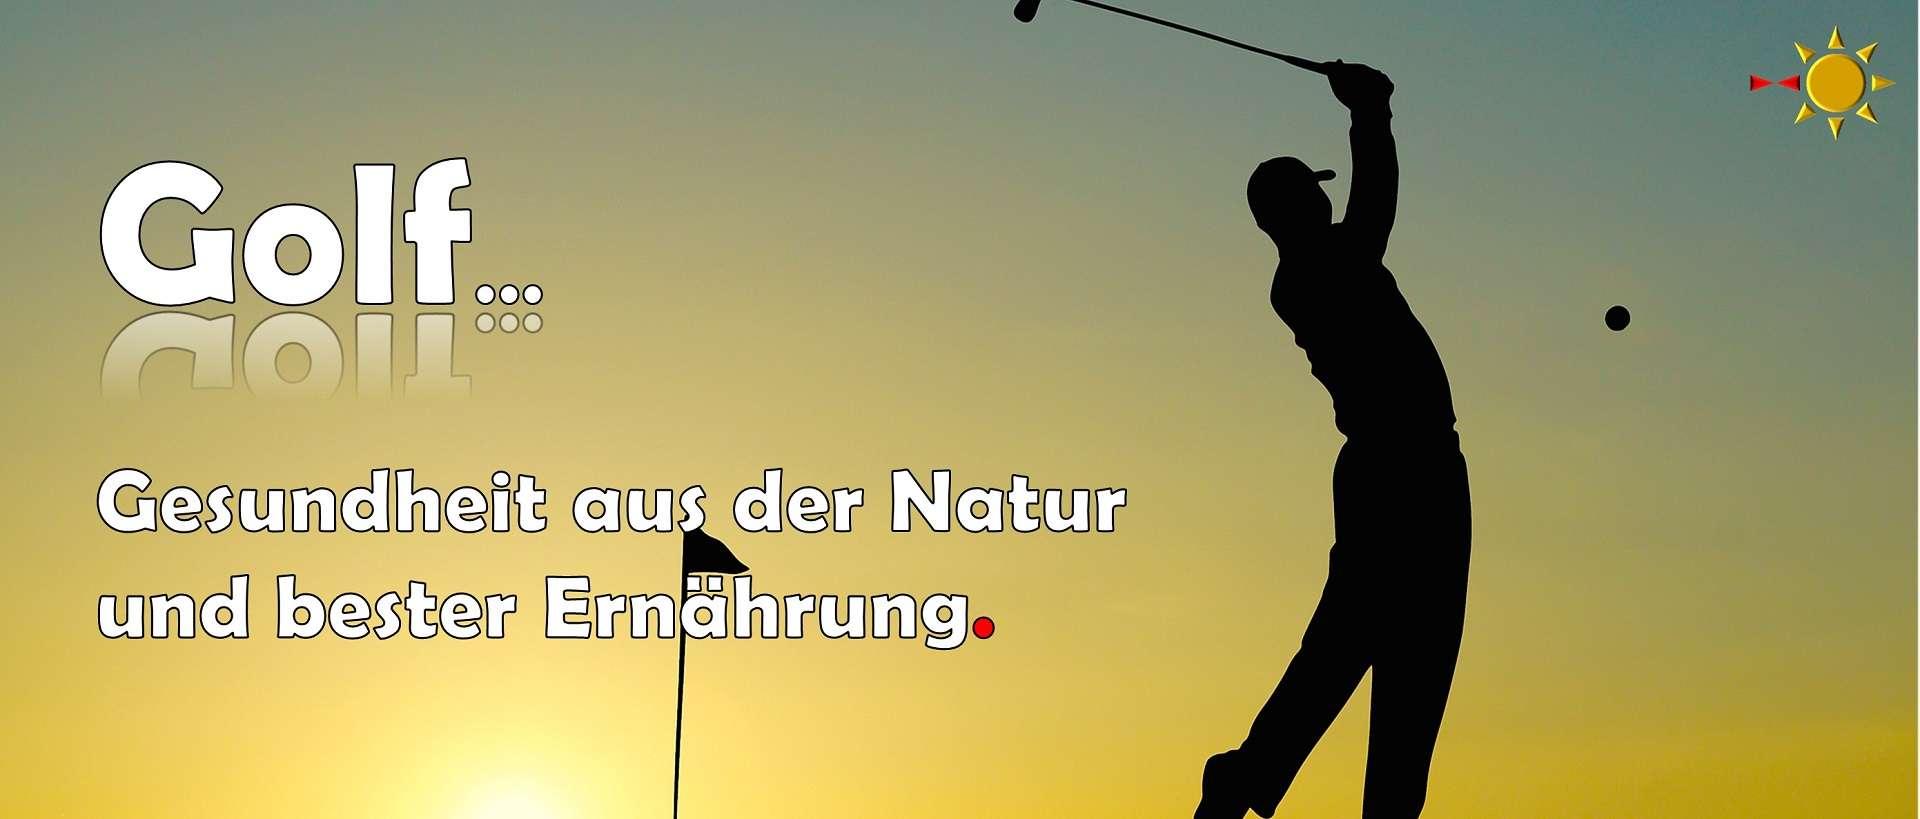 golf gesund natur